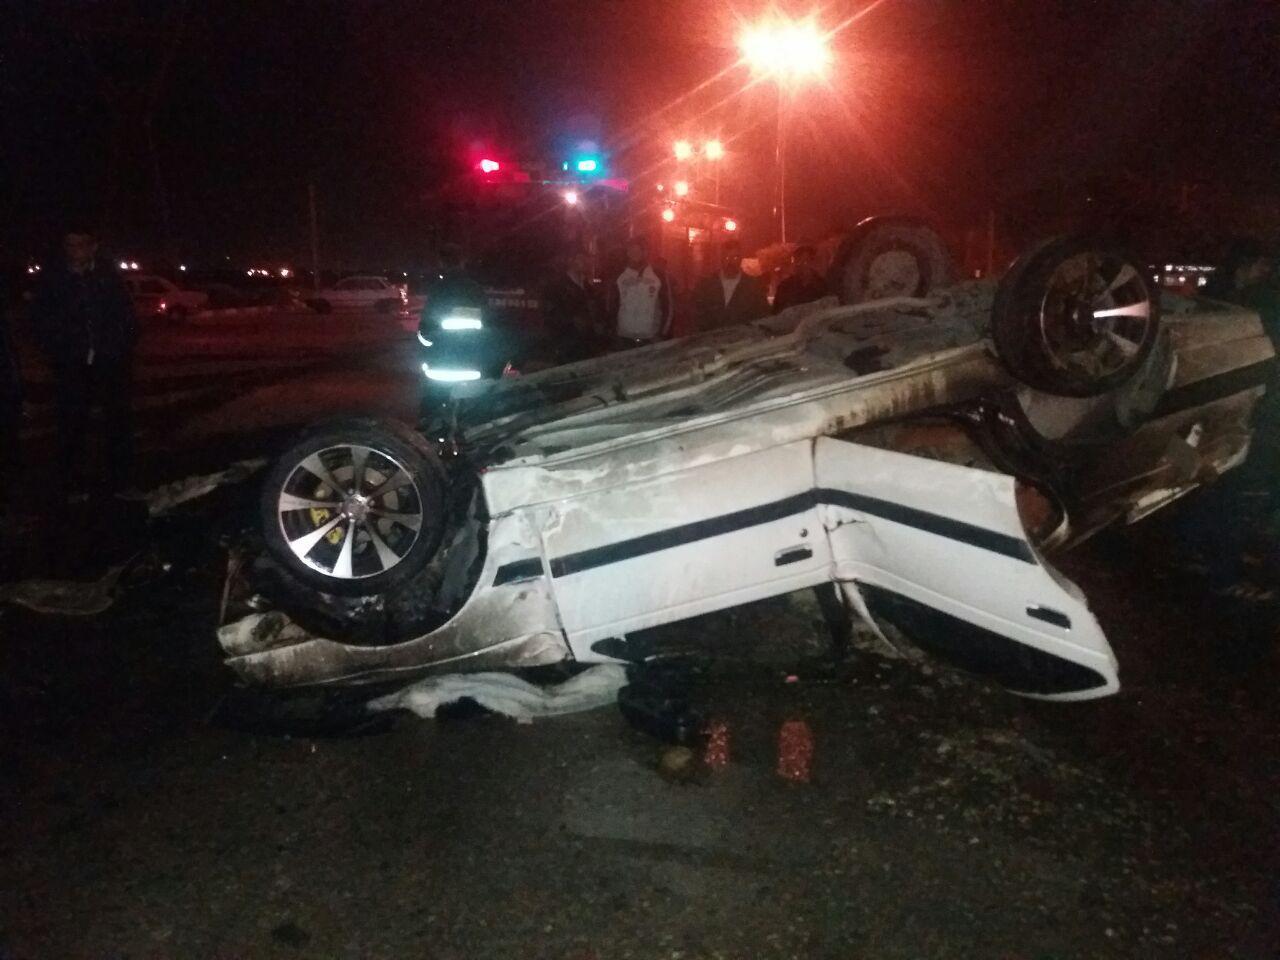 حادثه رانندگی با 2 کشته و 6 مصدوم در جاده دزفول-شوشتر